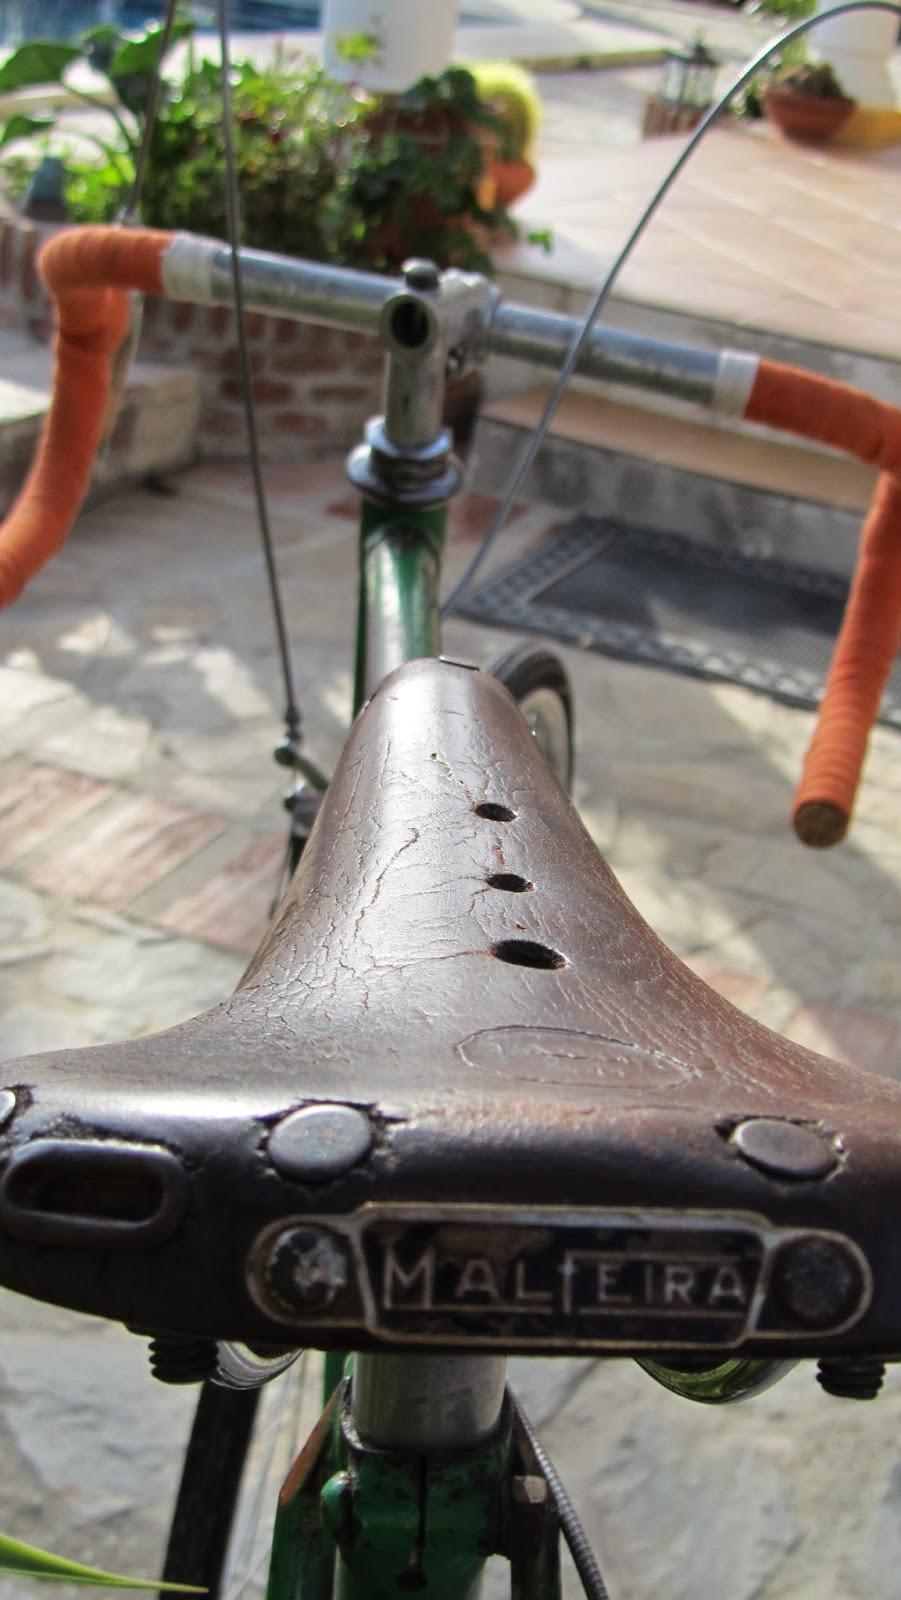 Sillin malfeira - Bicicleta Clásica Emporium - Ciclos Cataluña